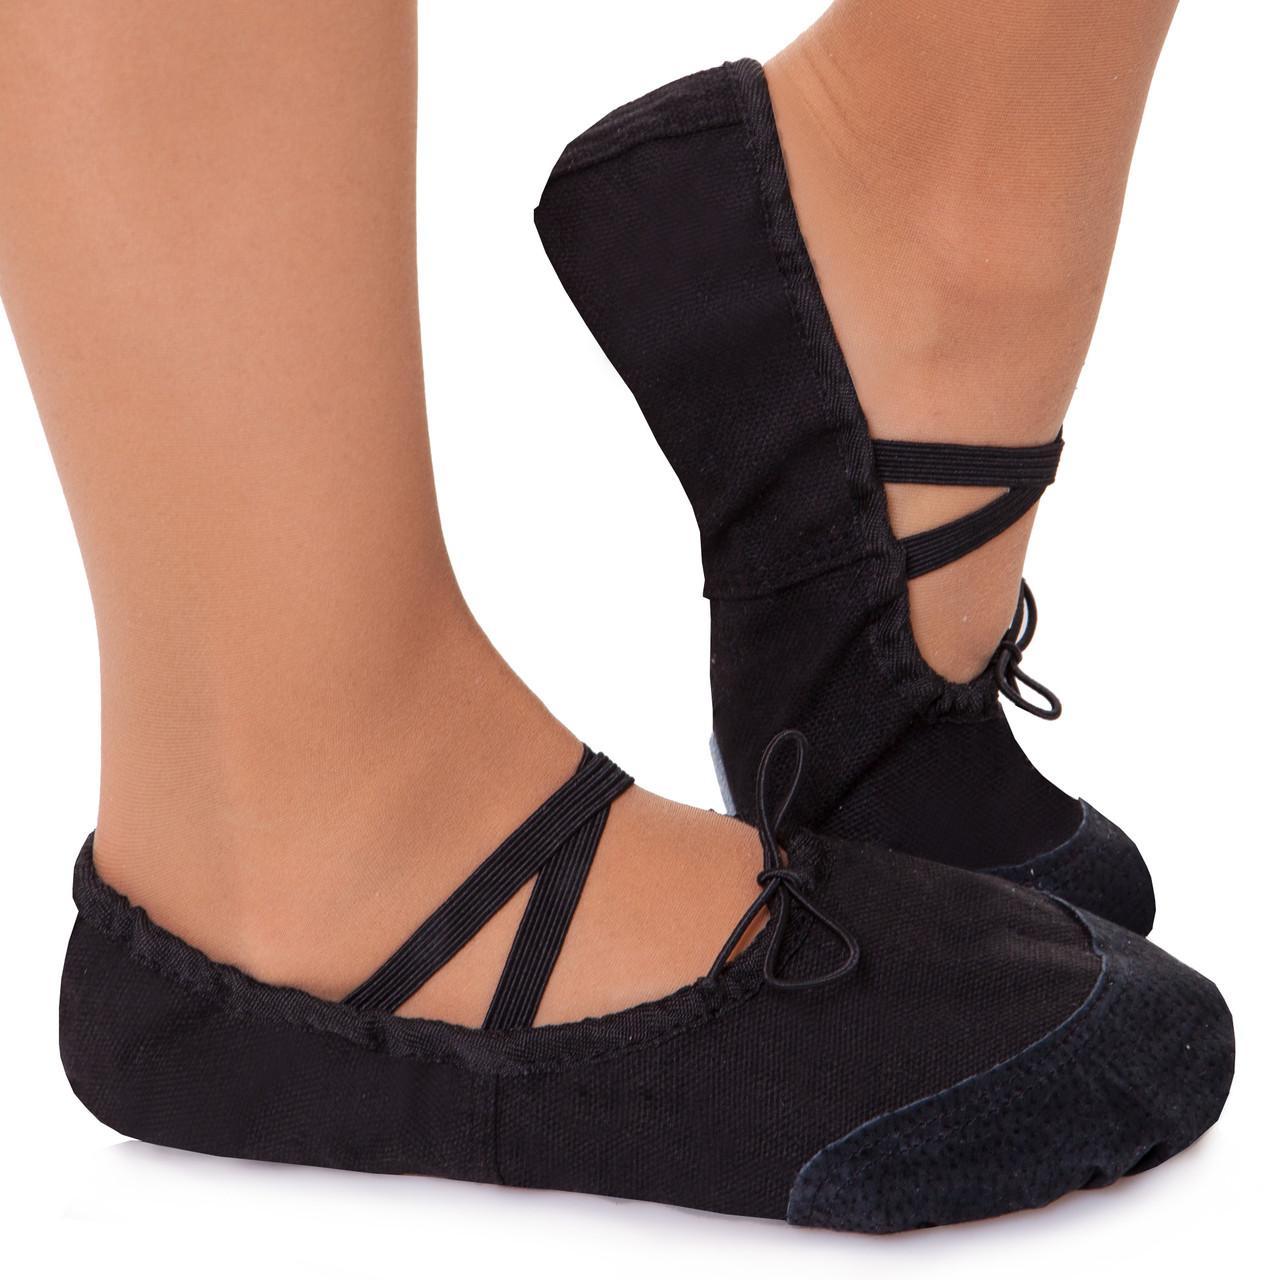 Балетные тапочки черные балетки для танцев тканевые с кожаными нашивками размер 30